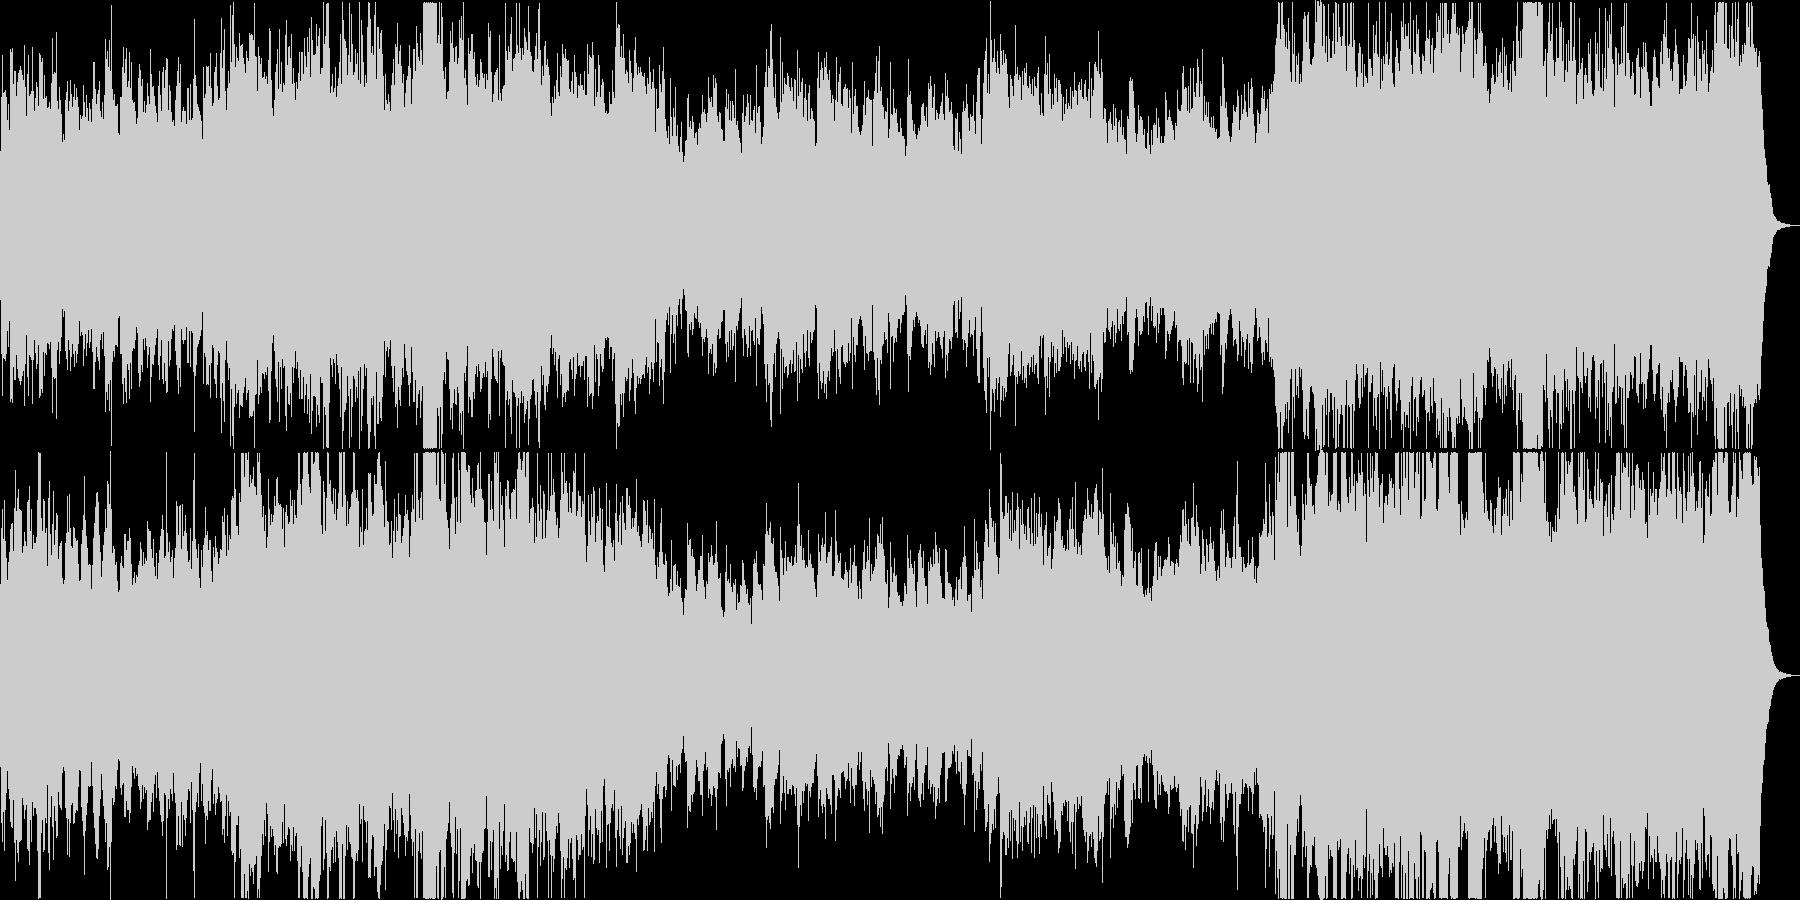 ファンタジー風の壮大なオーケストラ楽曲の未再生の波形